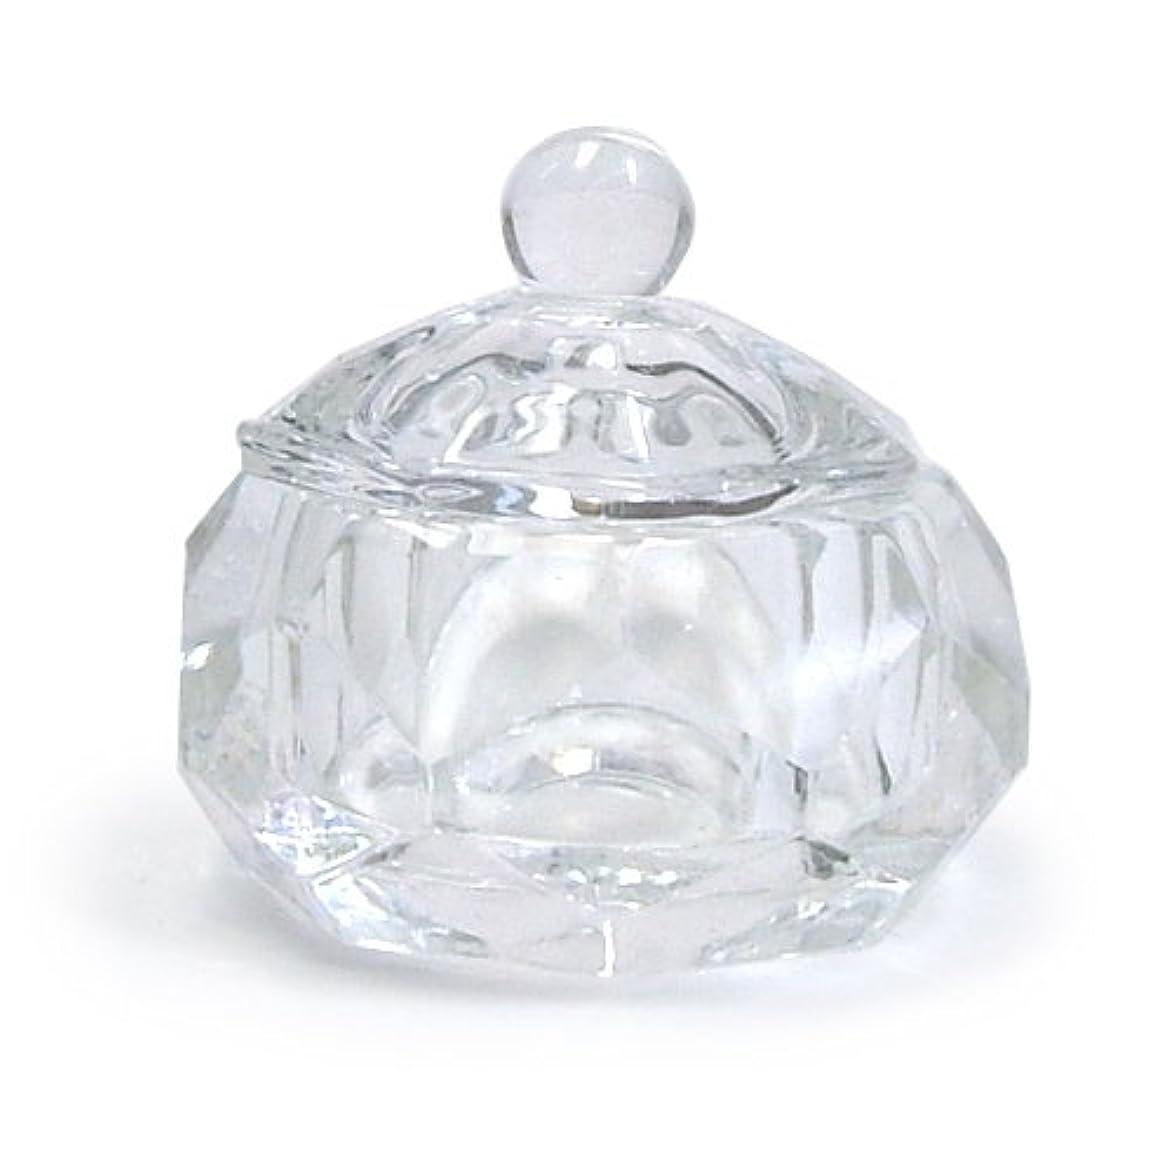 クッション札入れすずめダッペンディッシュ フタ付き (ガラス製)